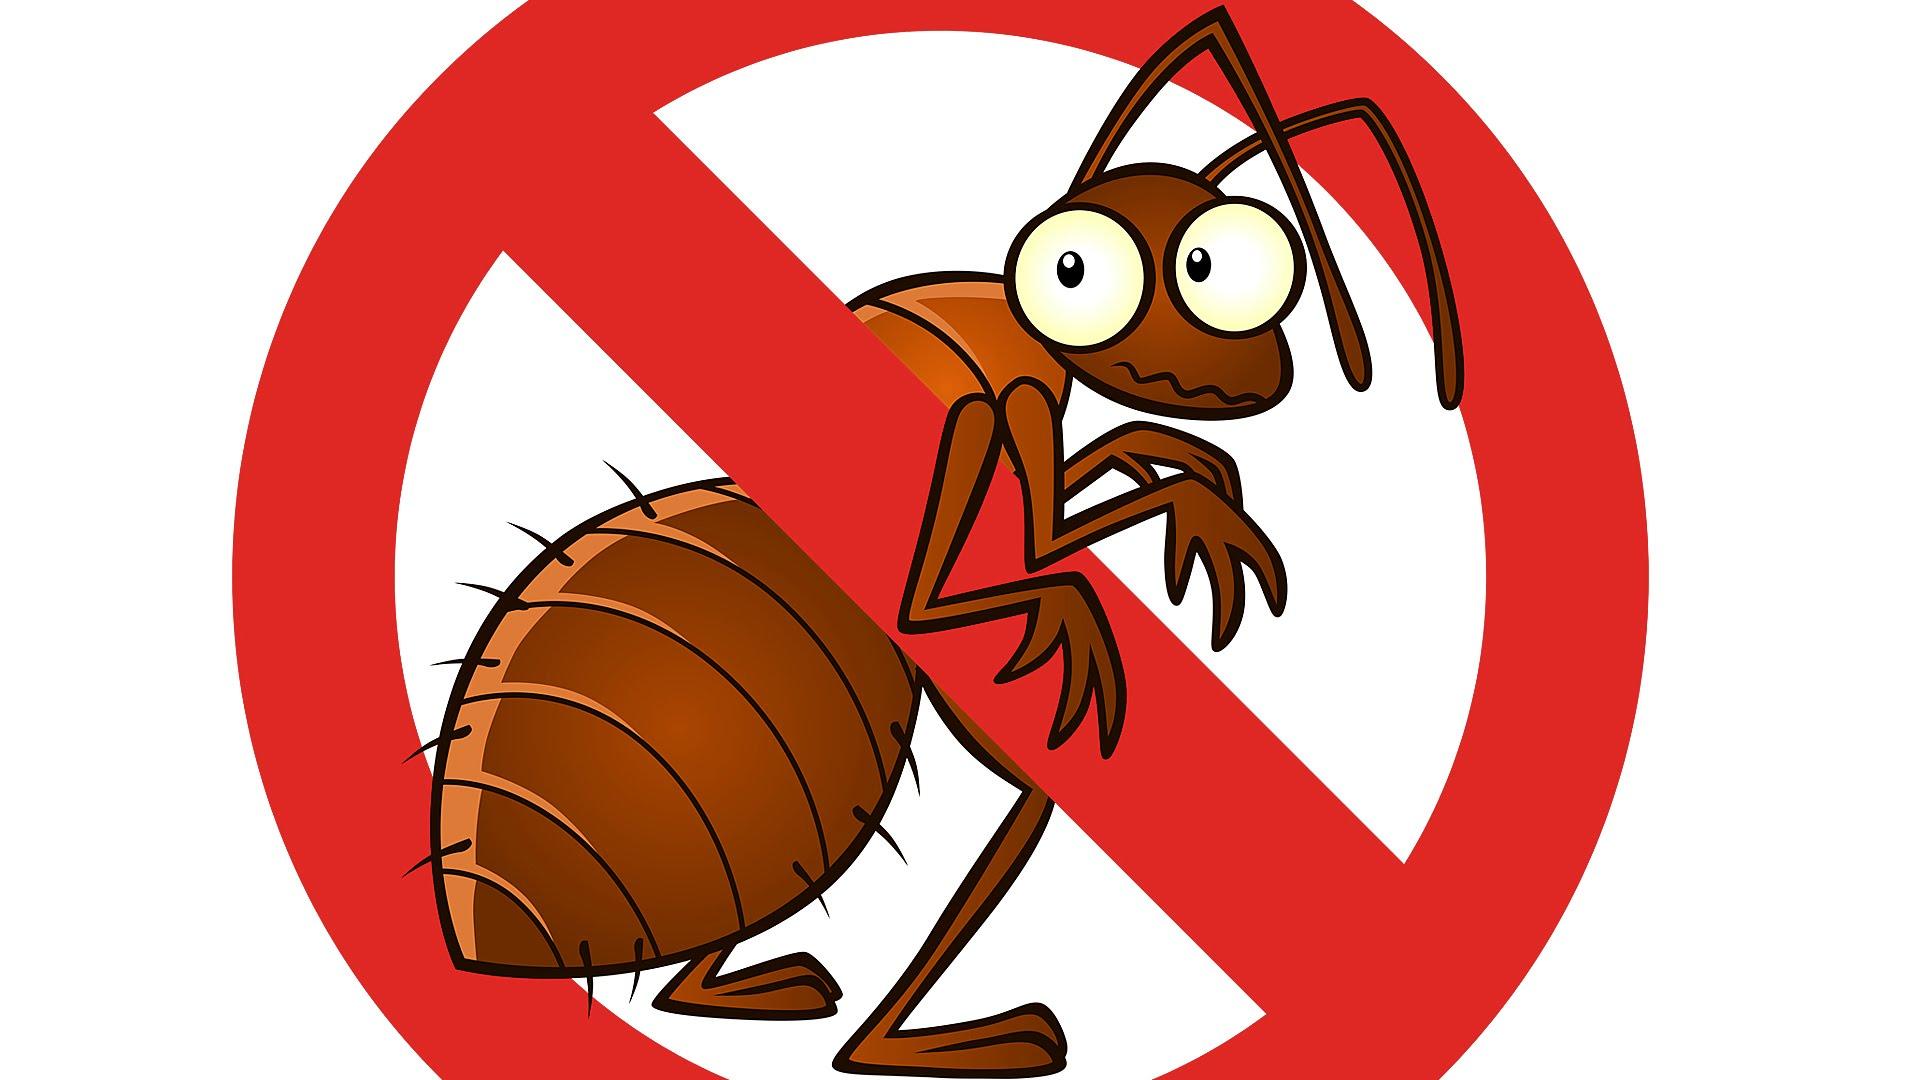 شركه مكافحه حشرات براس تنوره